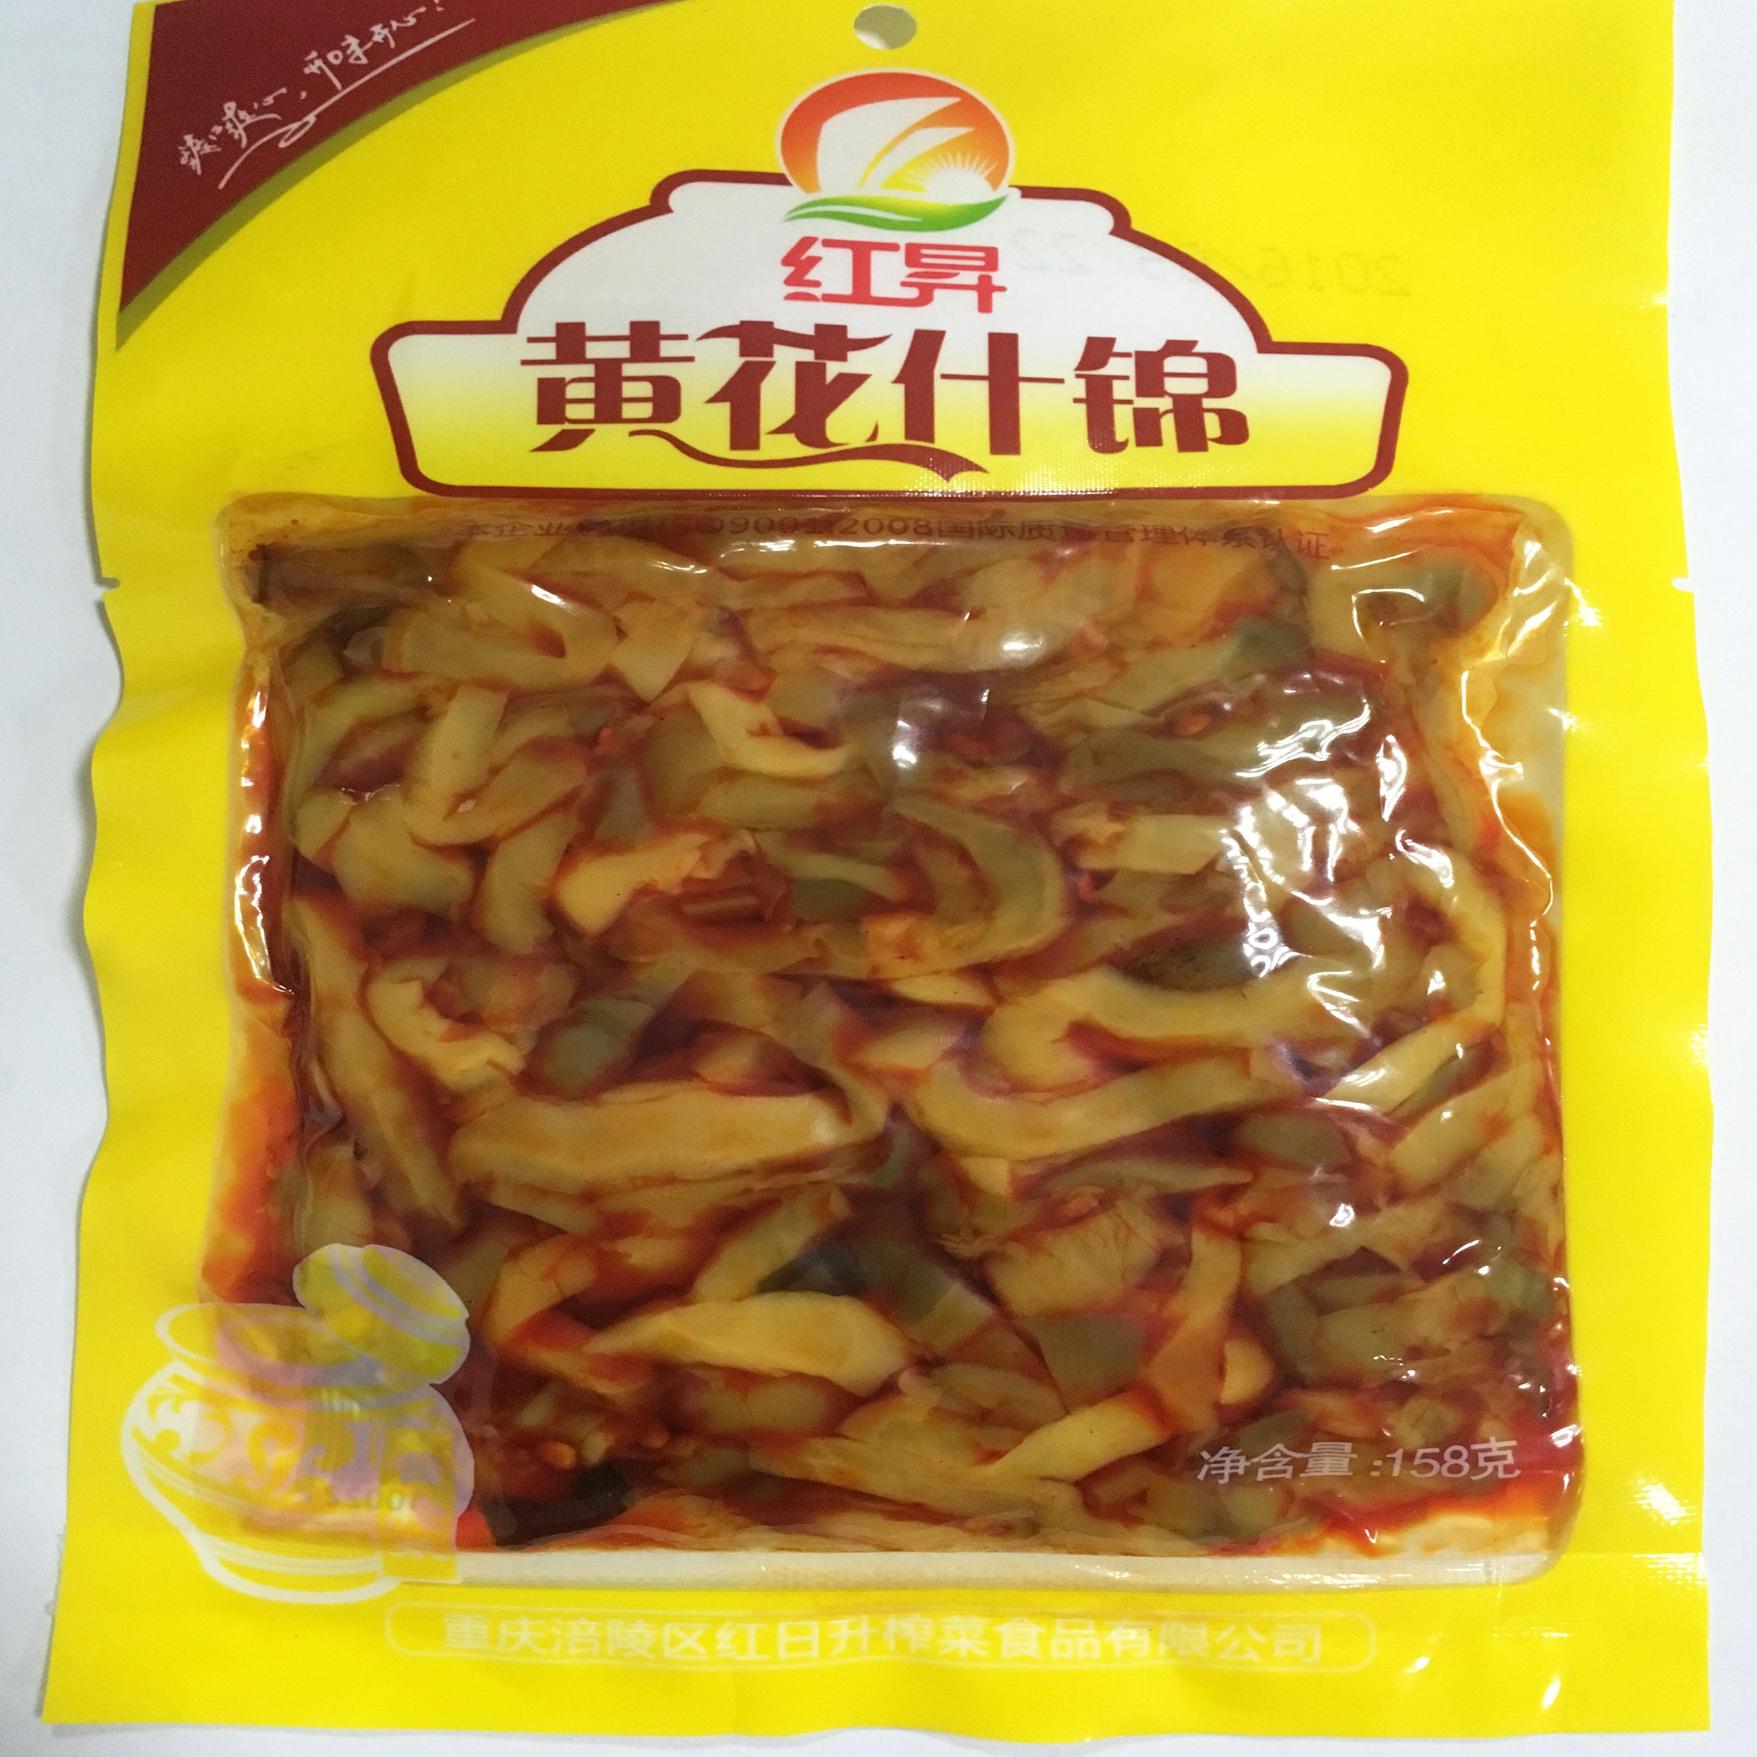 涪陵红日升摘菜 开胃下饭 黄花什锦泡菜 158g